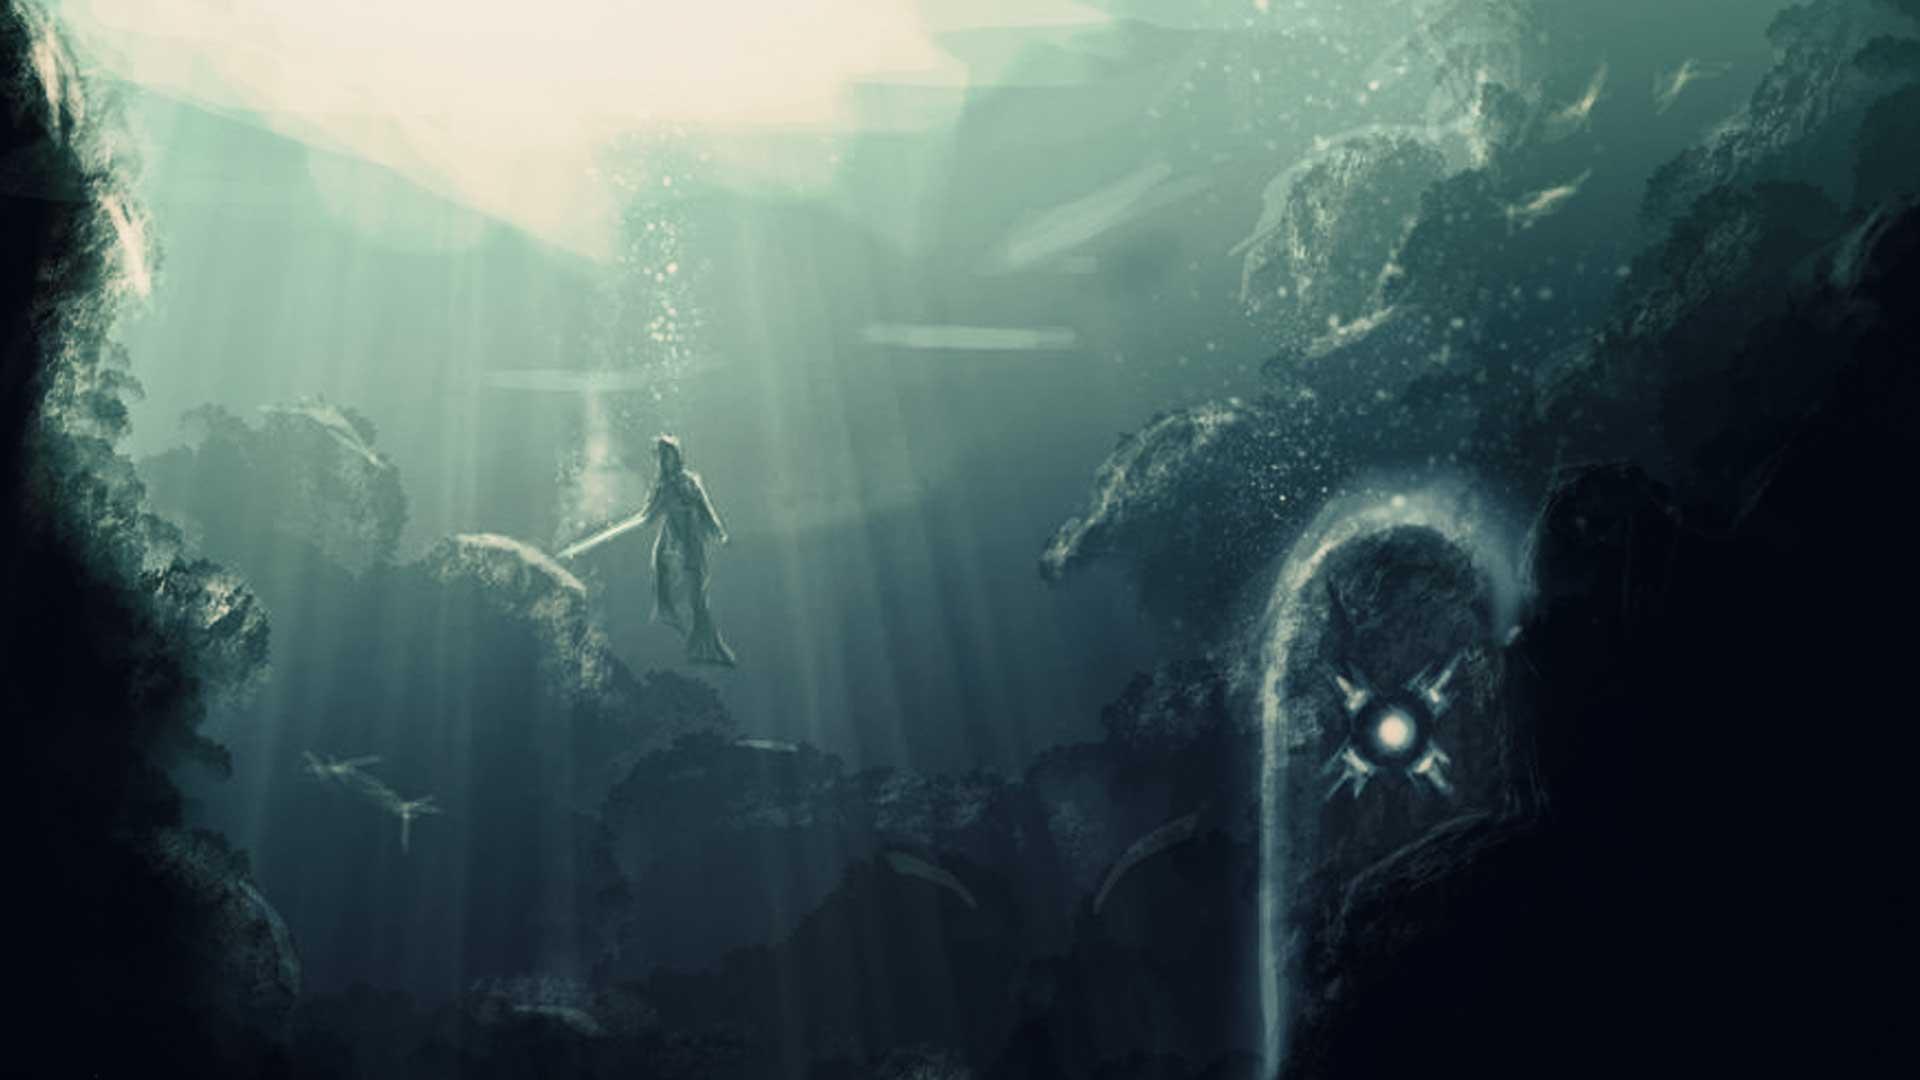 Hallan monolito antiguo en el fondo del mar que podría cambiar la historia para siempre